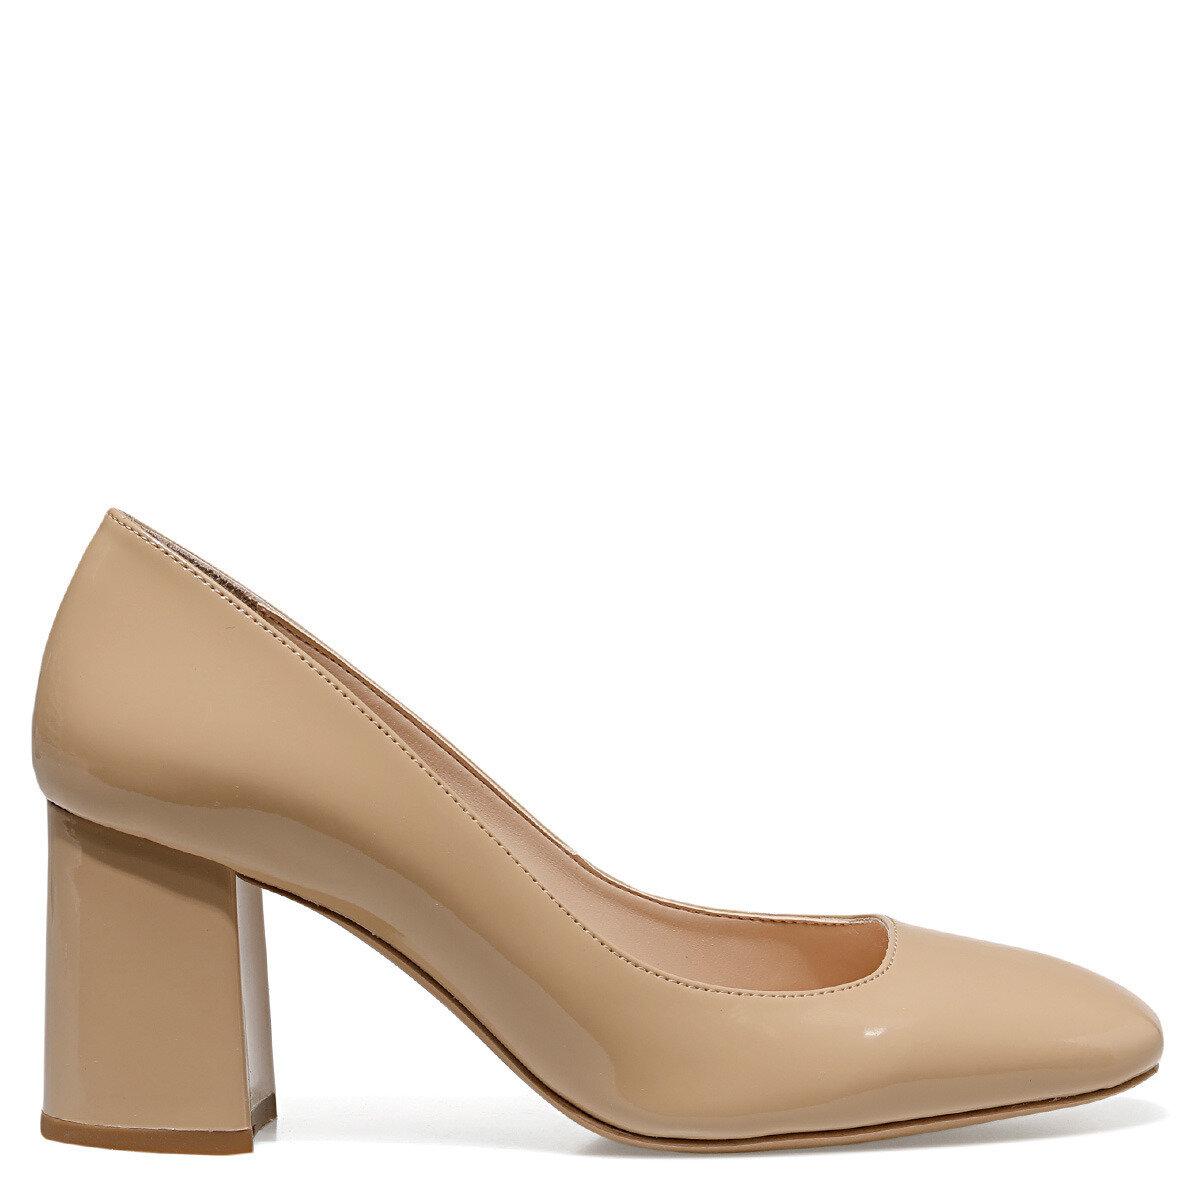 CANDELA NUDE Kadın Gova Ayakkabı